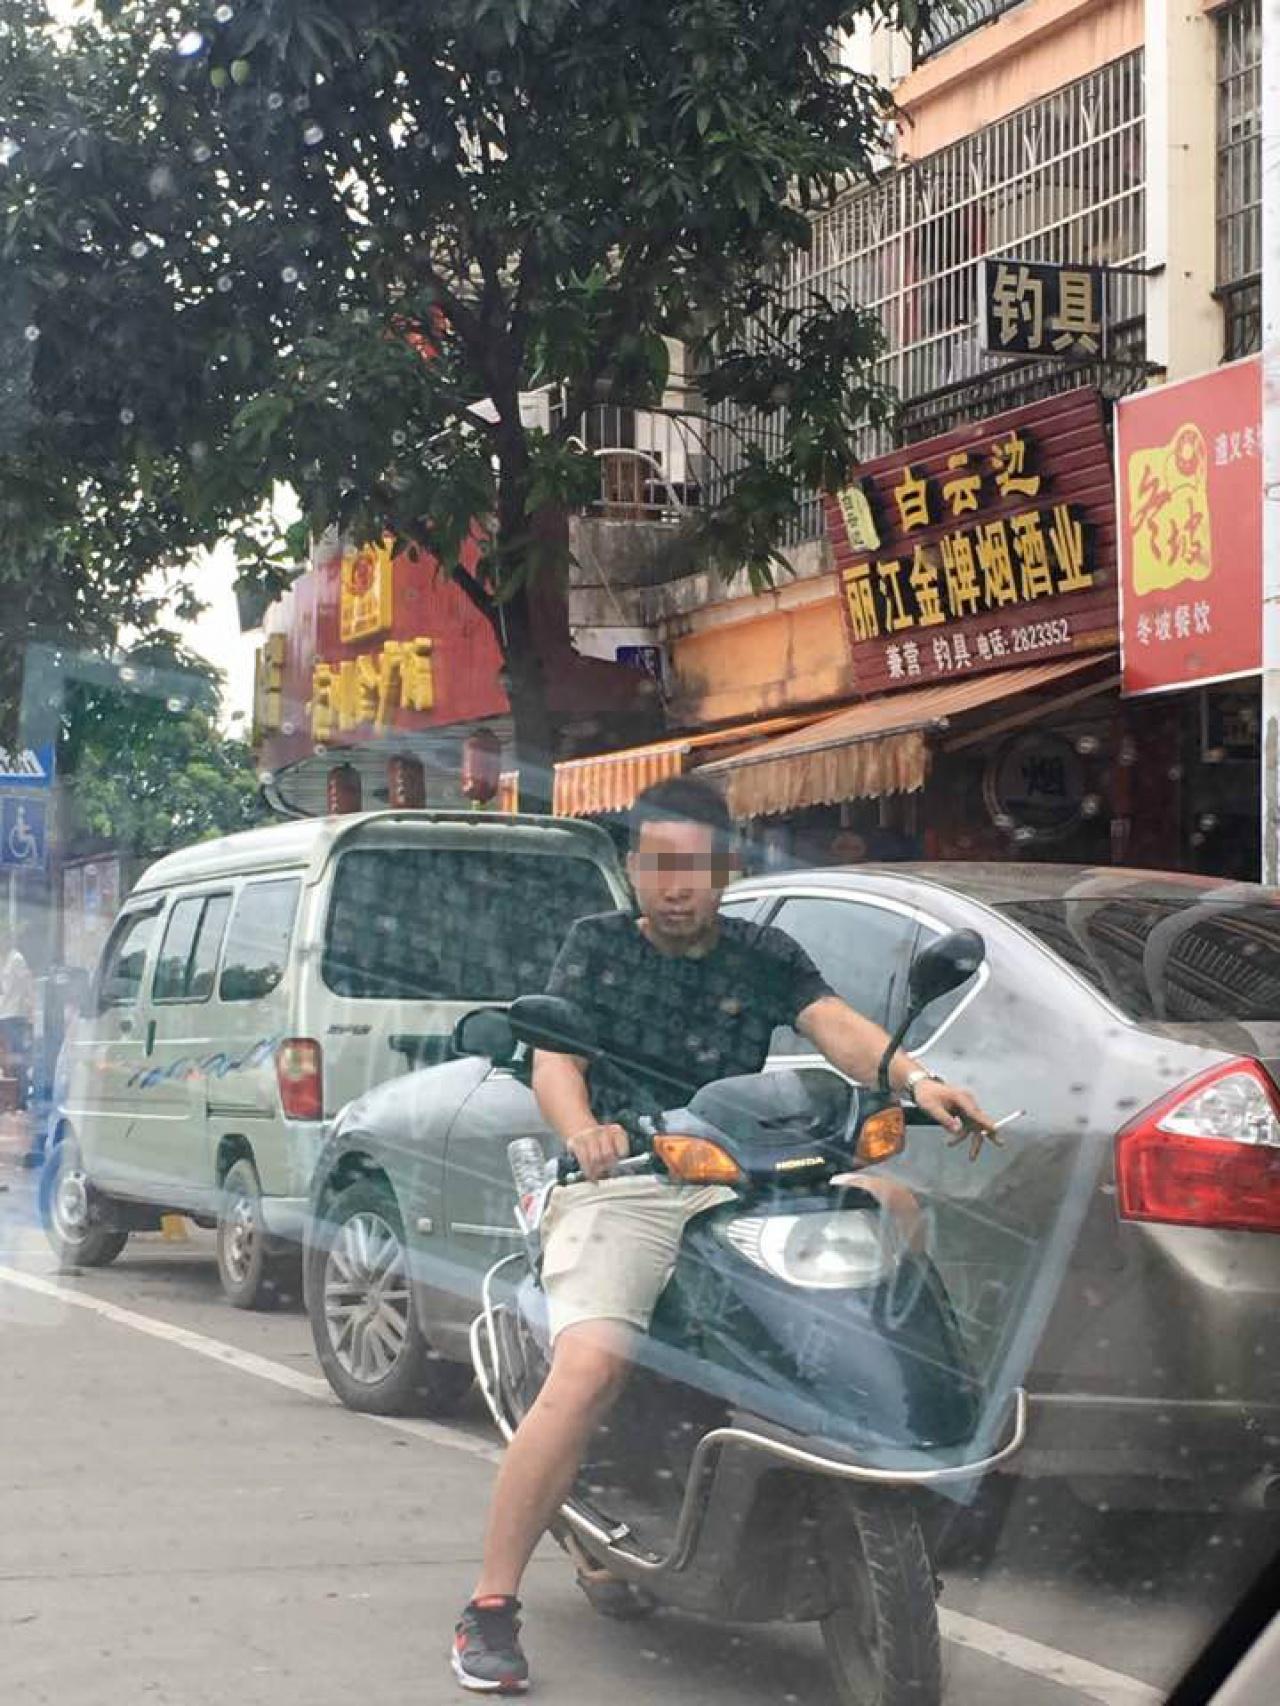 2017年玉林狗肉節前夕,記者在的士內拍攝騎車便衣人員。(李俊杰攝)